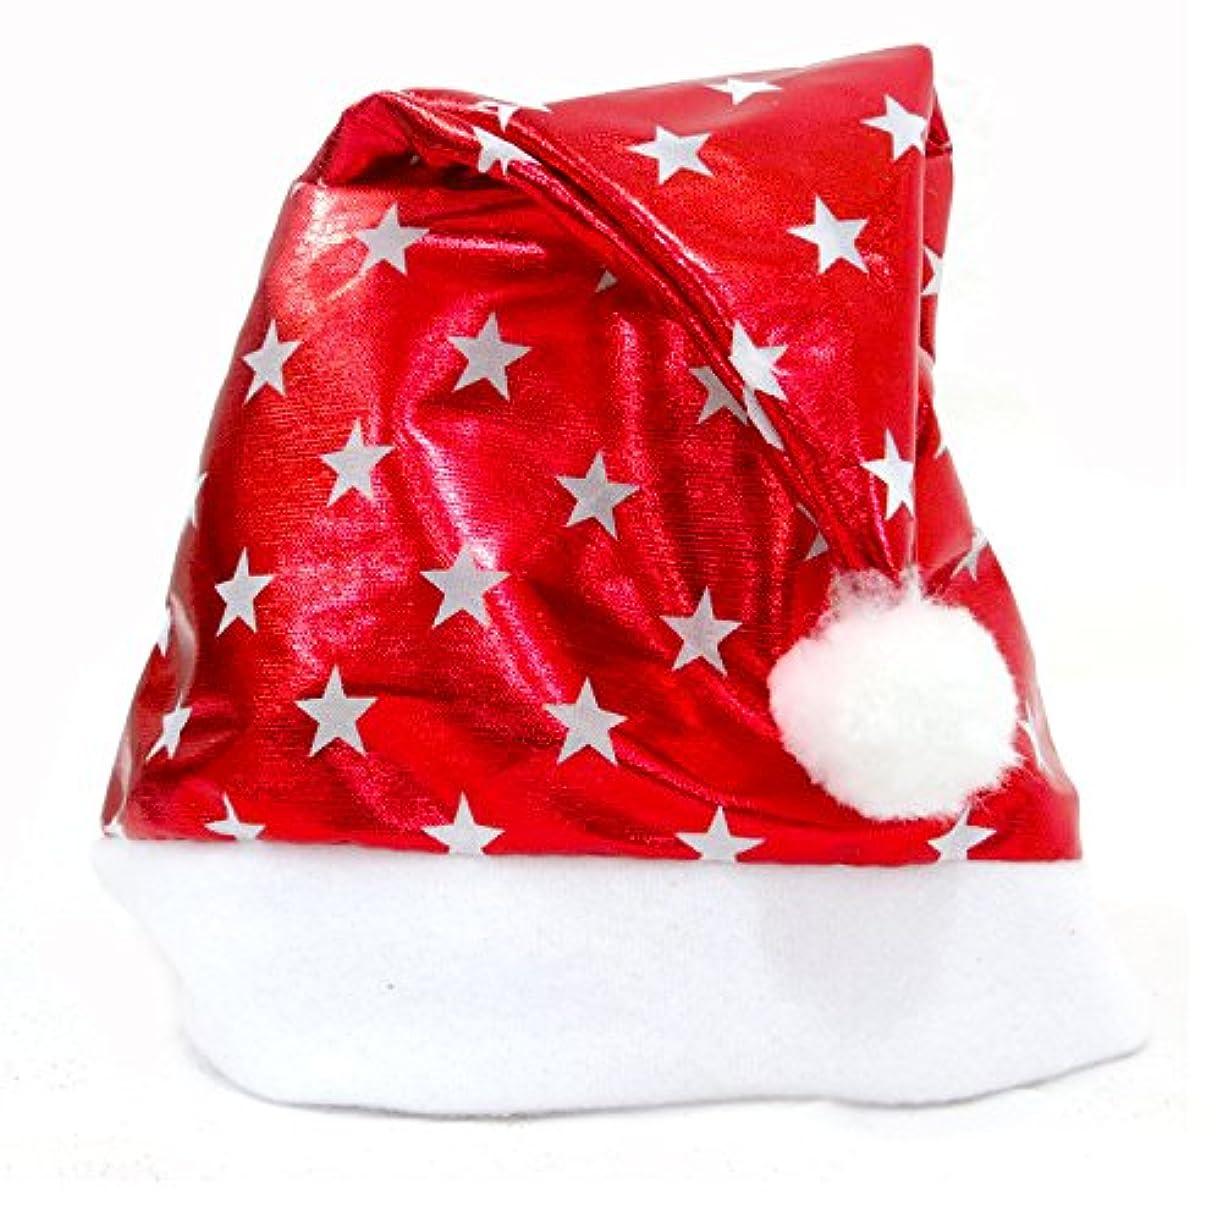 アノイ混乱理解するRacazing クリスマスハット レッド Hat ライト ドームキャップ 防寒対策 通気性のある 防風 ニット帽 暖かい 軽量 屋外 スキー 自転車 クリスマス 男女兼用 Christmas Cap